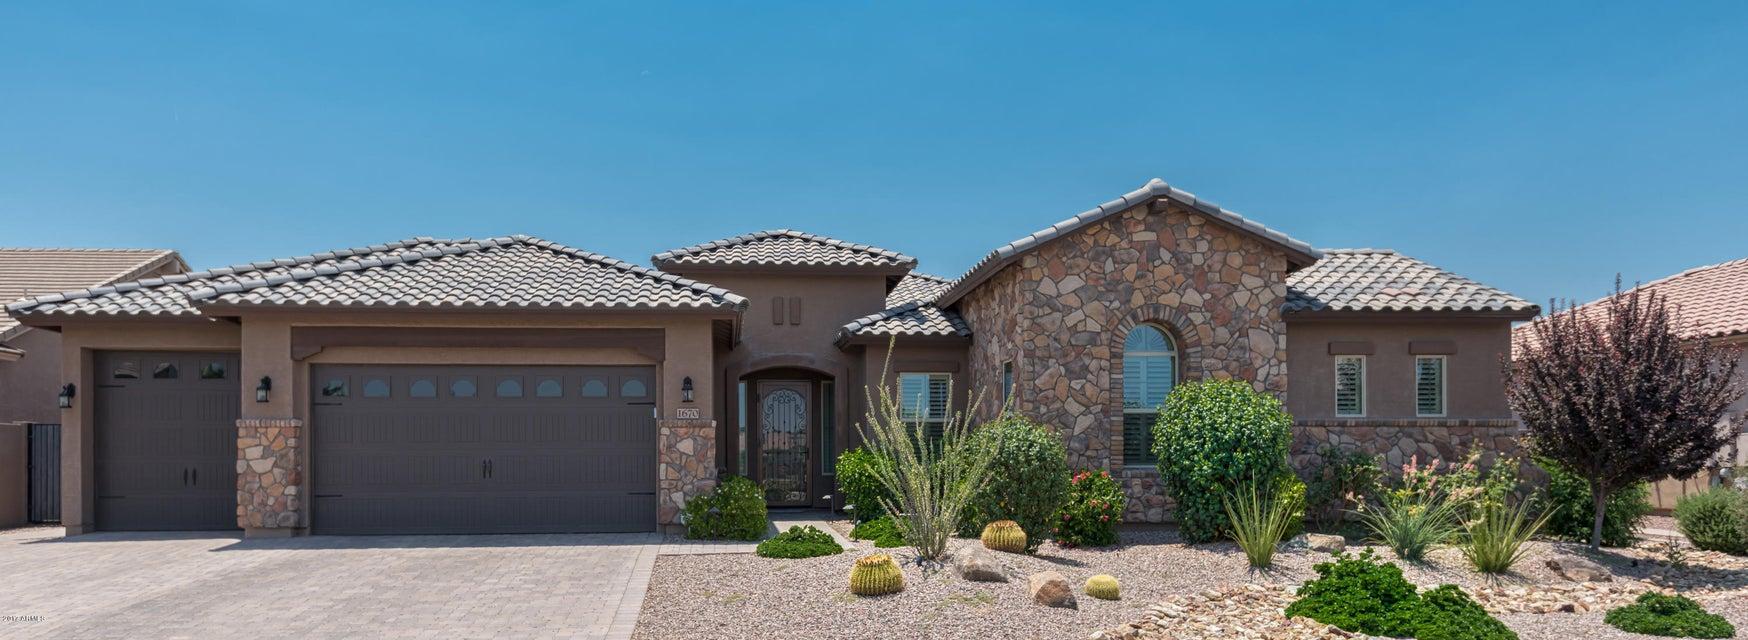 1670 S Evergreen Street, Chandler, AZ 85286